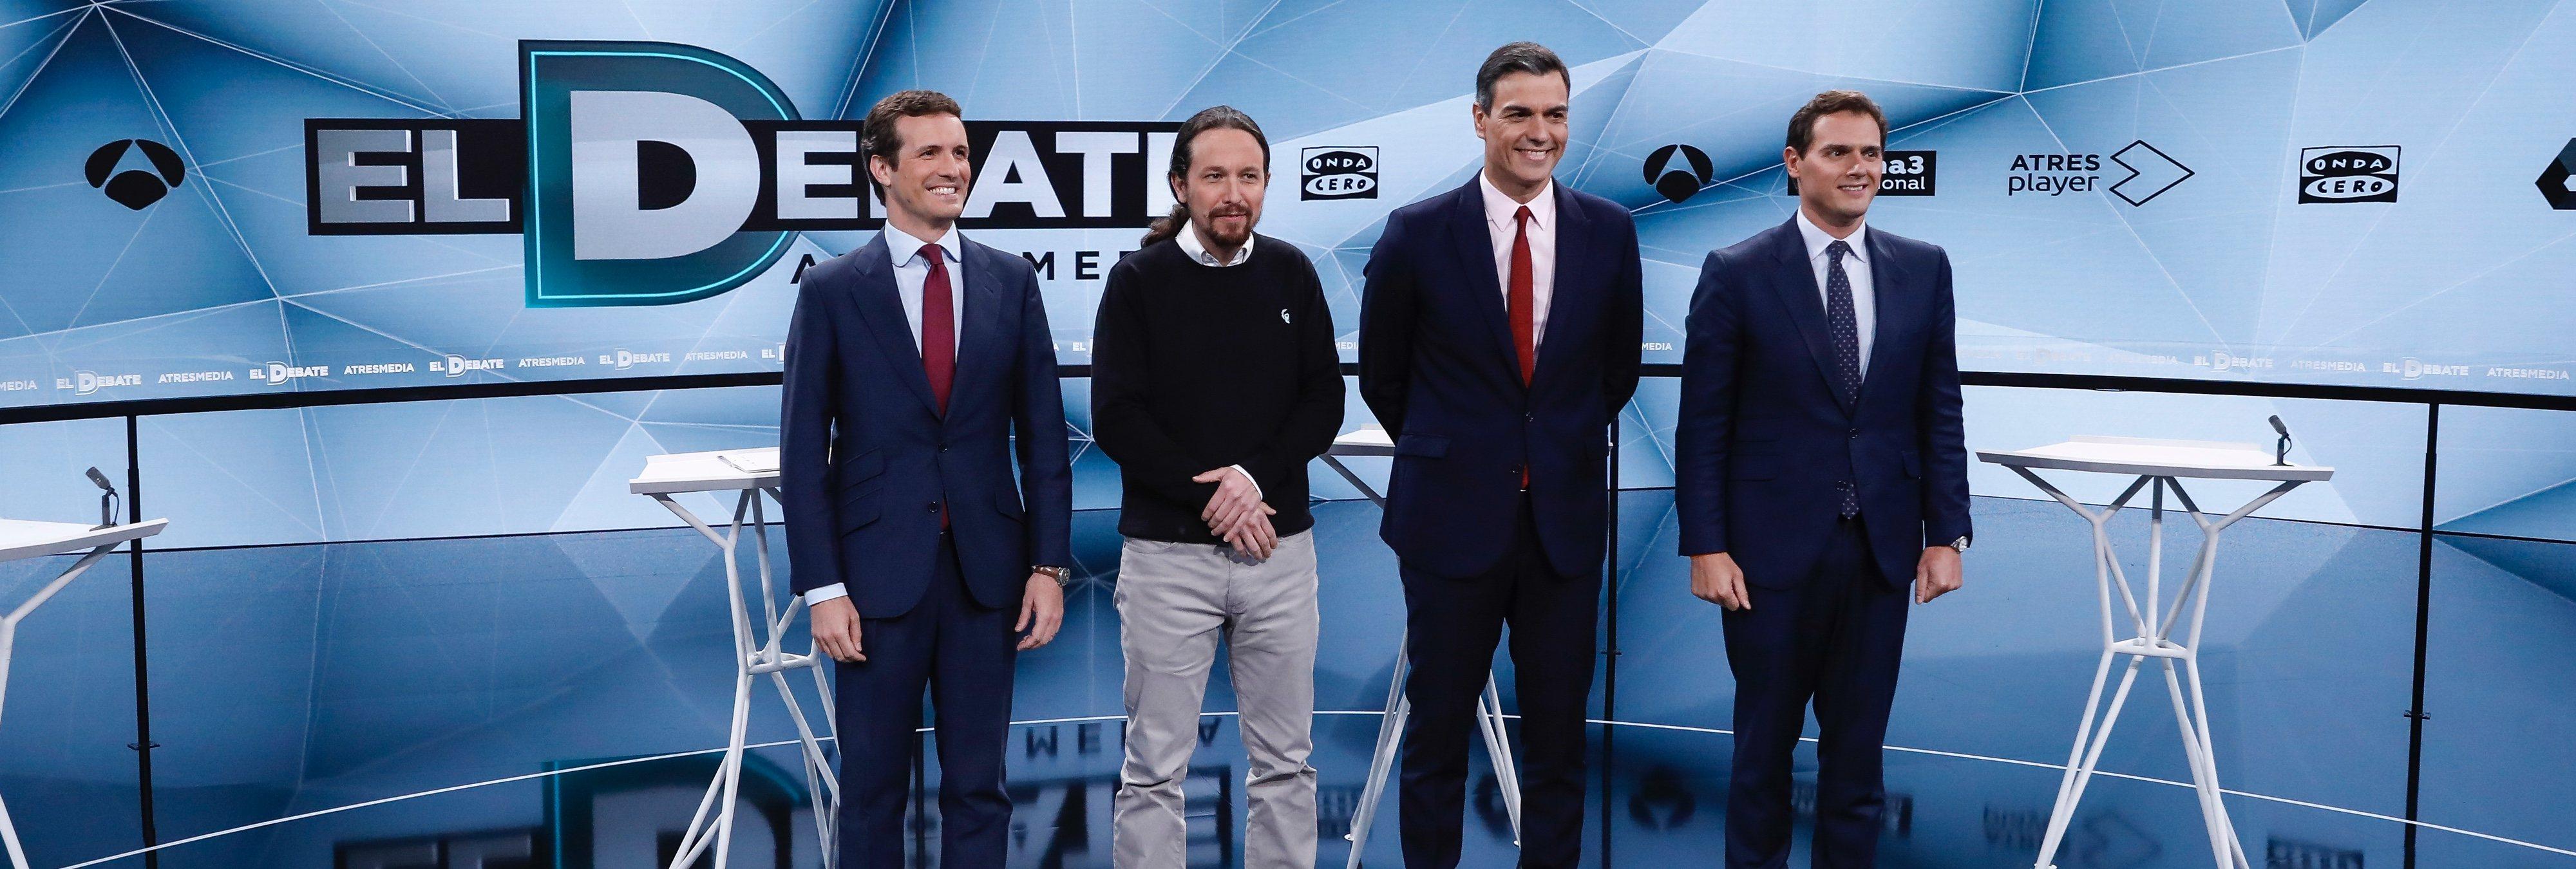 Las elecciones del 28-A, una jornada decisiva para el futuro de España